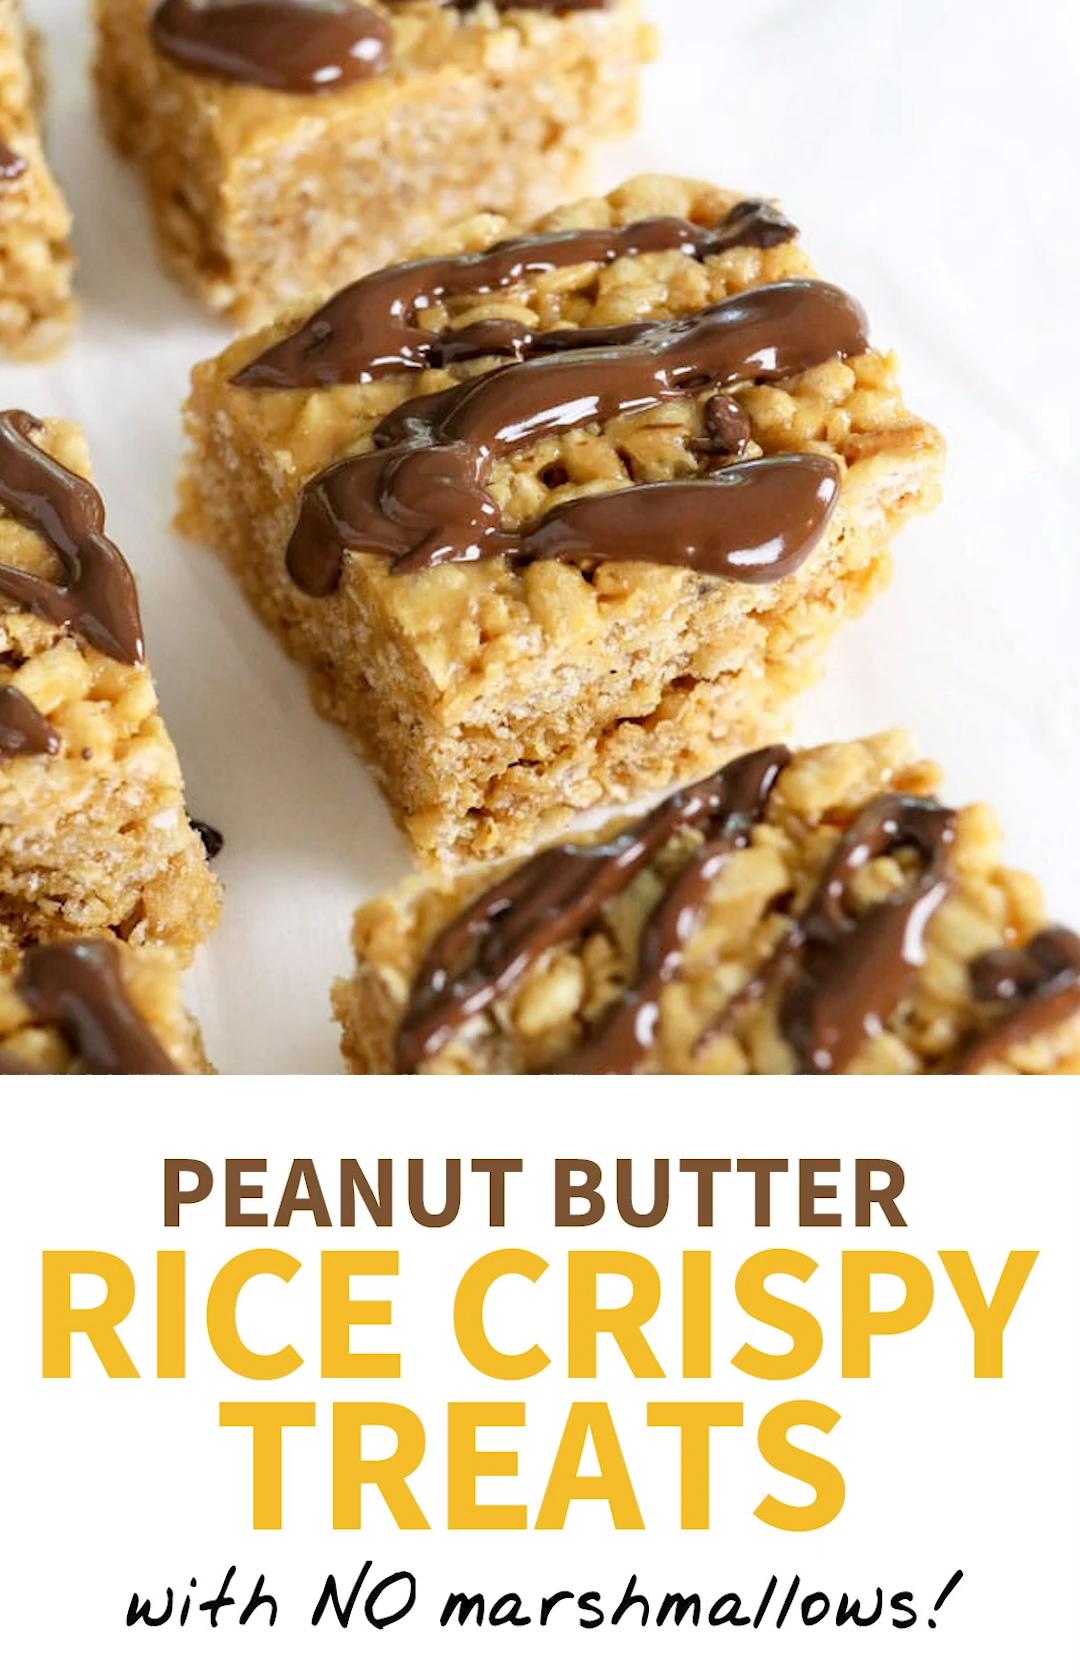 Peanut Butter Rice Crispy Treats (with NO marshmallows!)